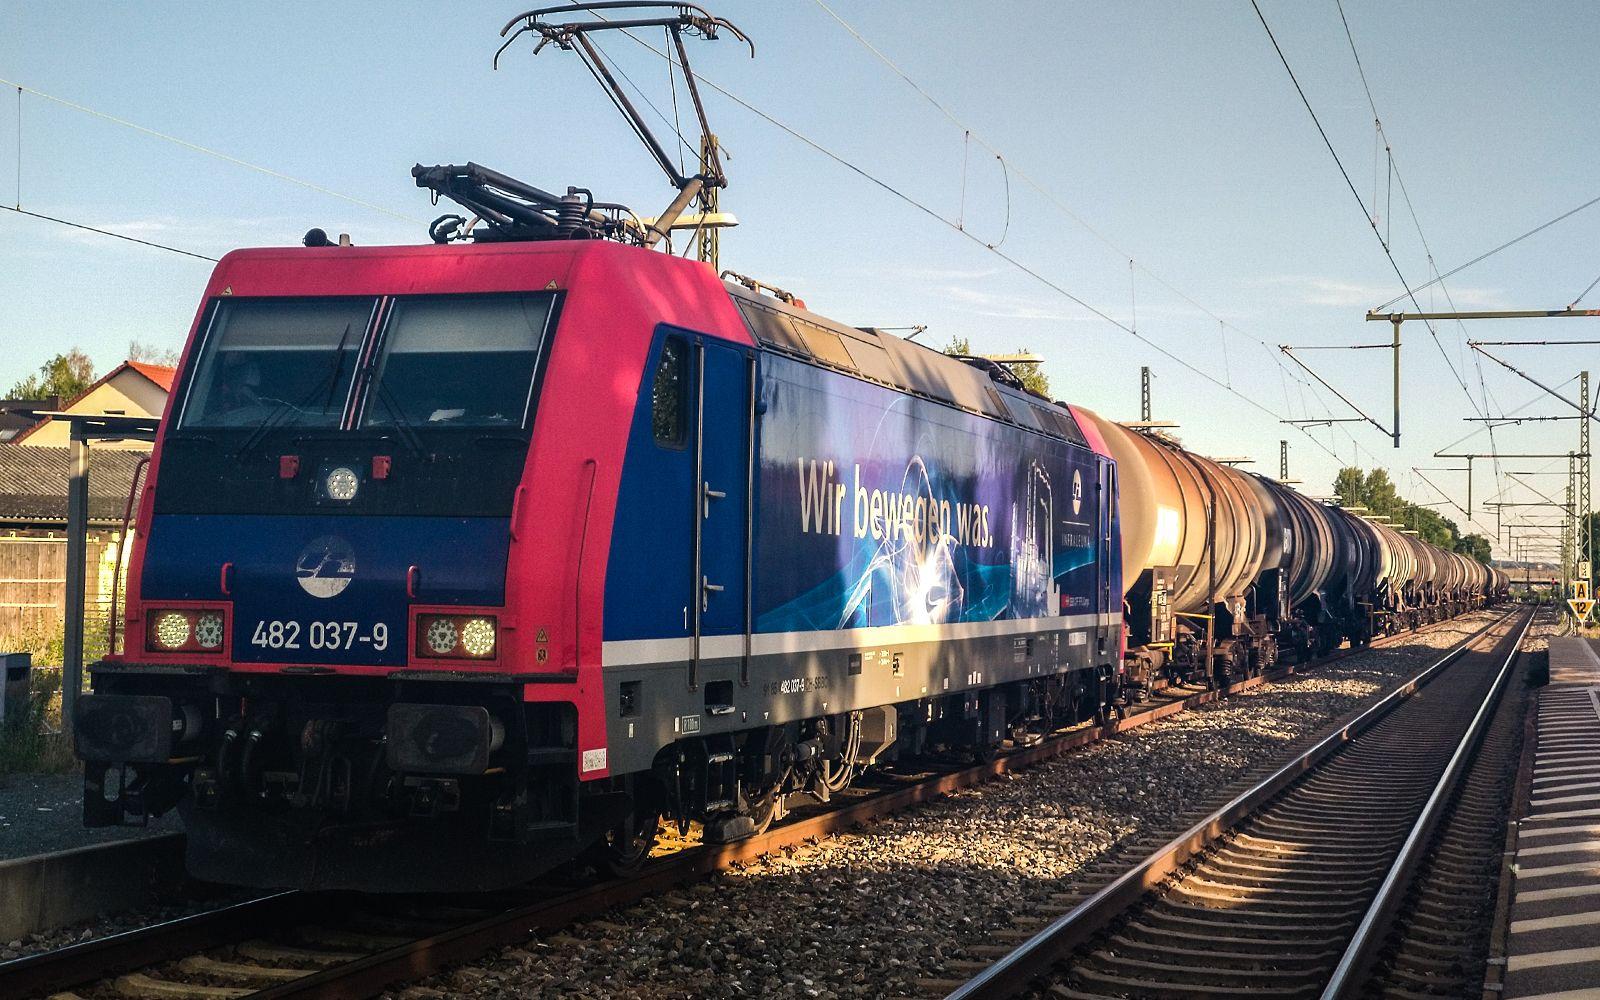 ©Foto: Denis Herwig | railmen | Lokführer im Dienst für InfraLeuna | Gütertransport macht Zwischenstopp in Hallstadt wegen Zugüberholung | Baureihe 482